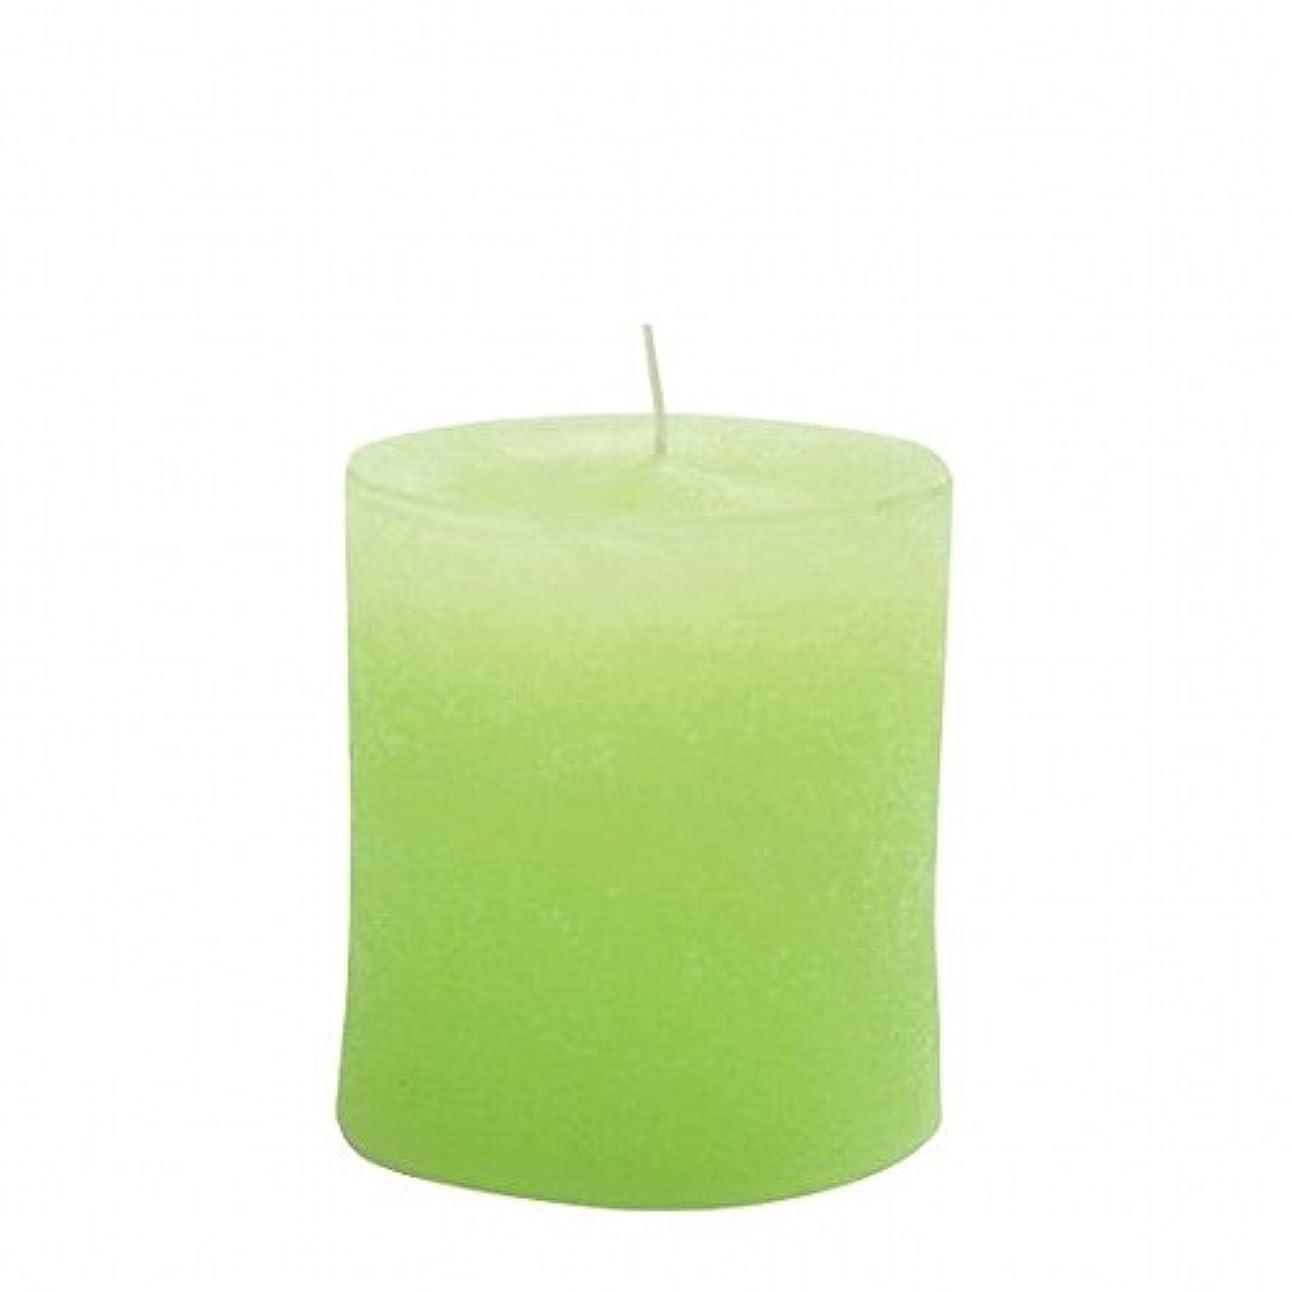 あご減る不名誉kameyama candle(カメヤマキャンドル) ラスティクピラー70×75 「 ライトグリーン 」(A4930010LG)